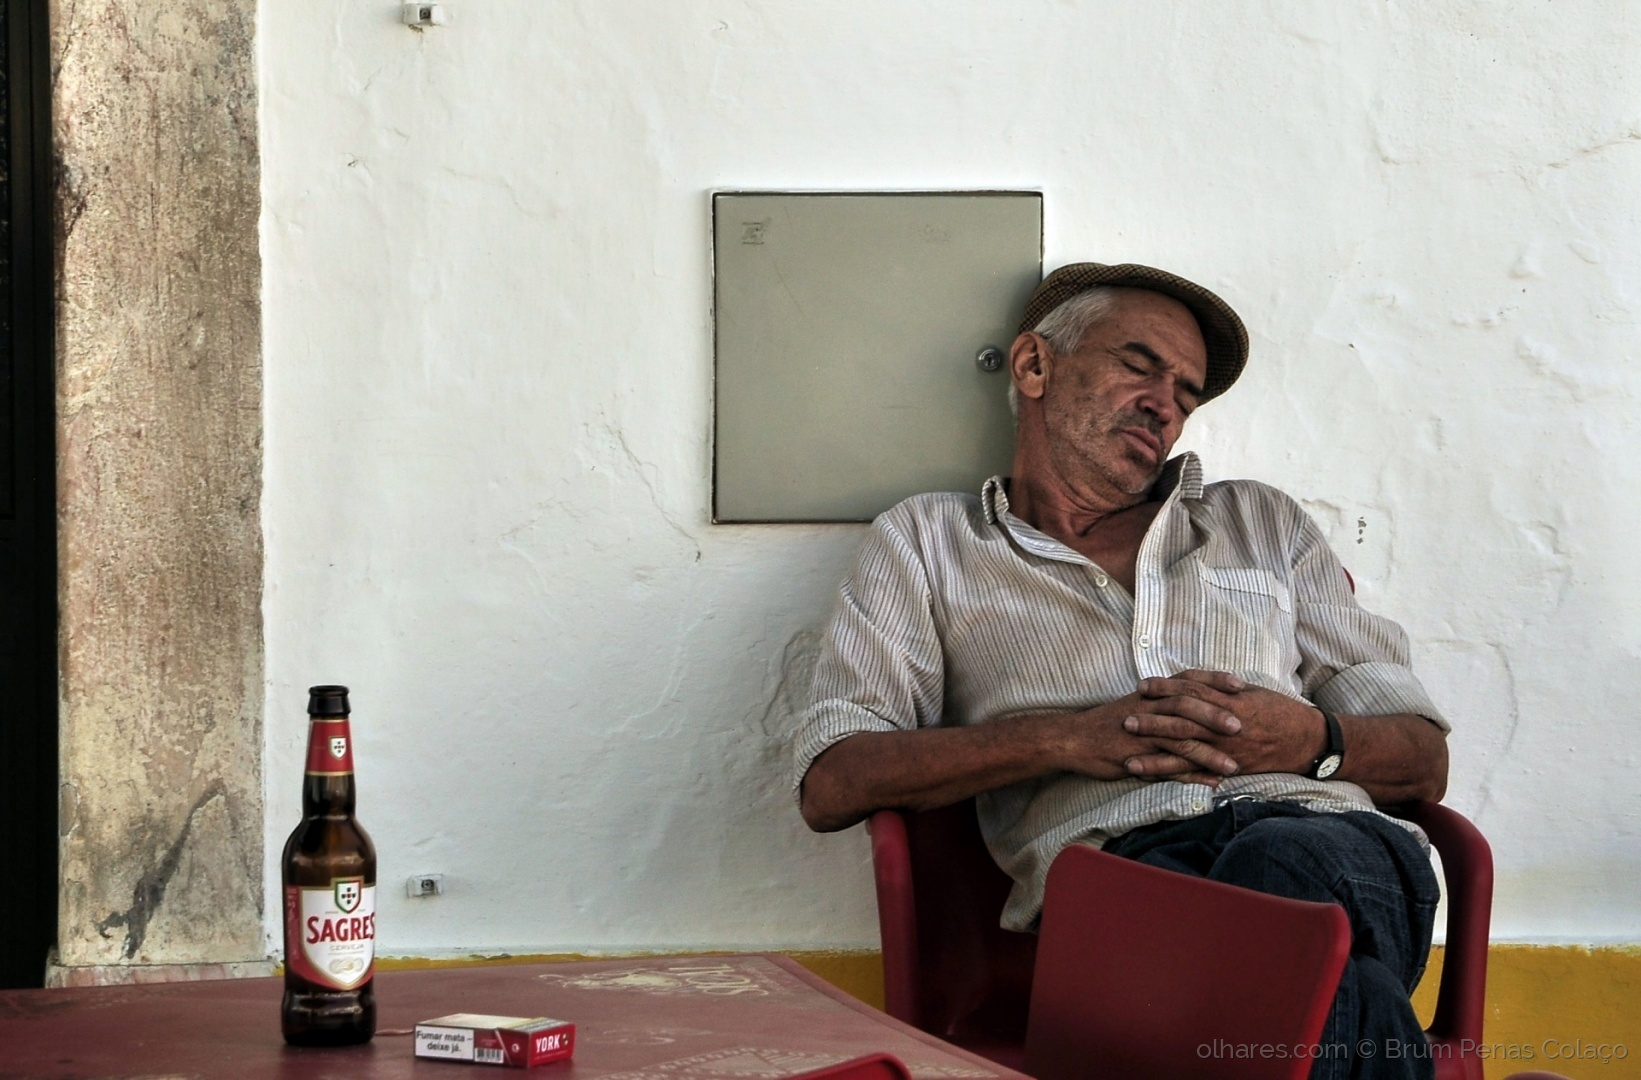 Retratos/ A FELICIDADE PODE SER TÃO SIMPLES